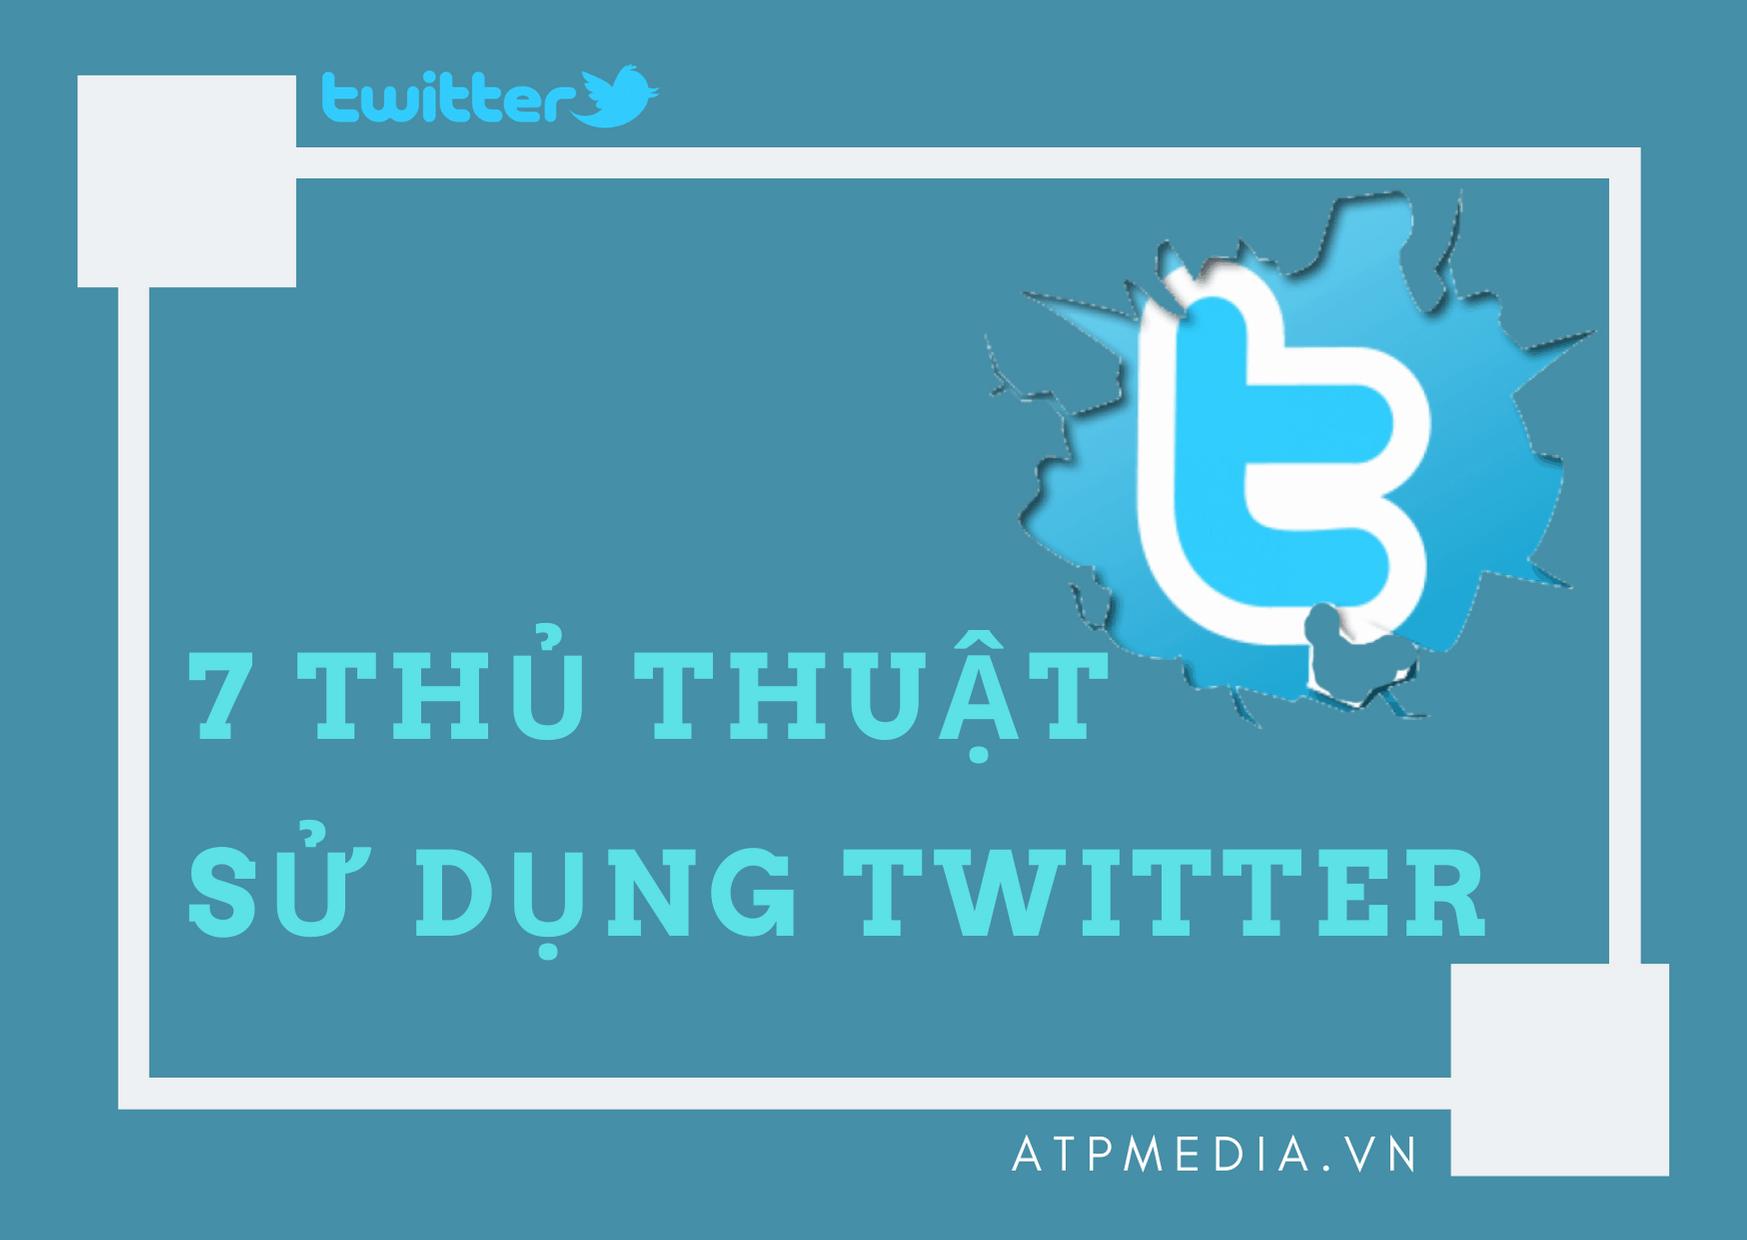 Thủ thuật sử dụng twitter hiệu quả 2020